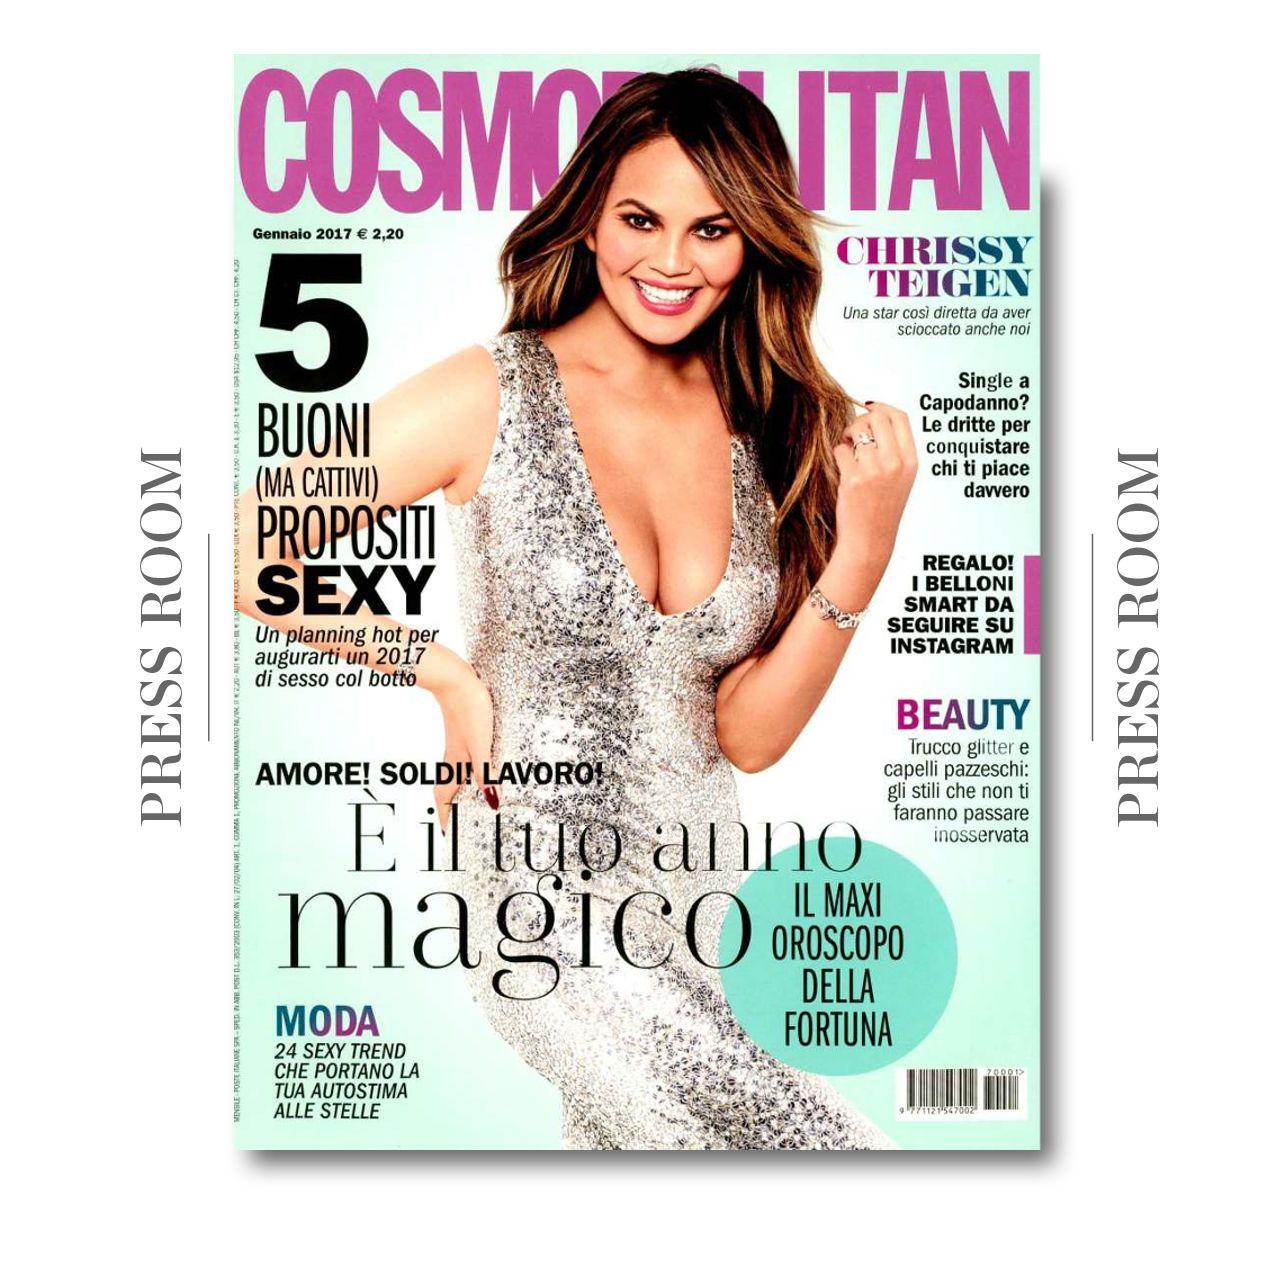 Cosmopolitan Italia January 2017 issue featuring Le Silla pumps on the inside! #lesilla #inthepress